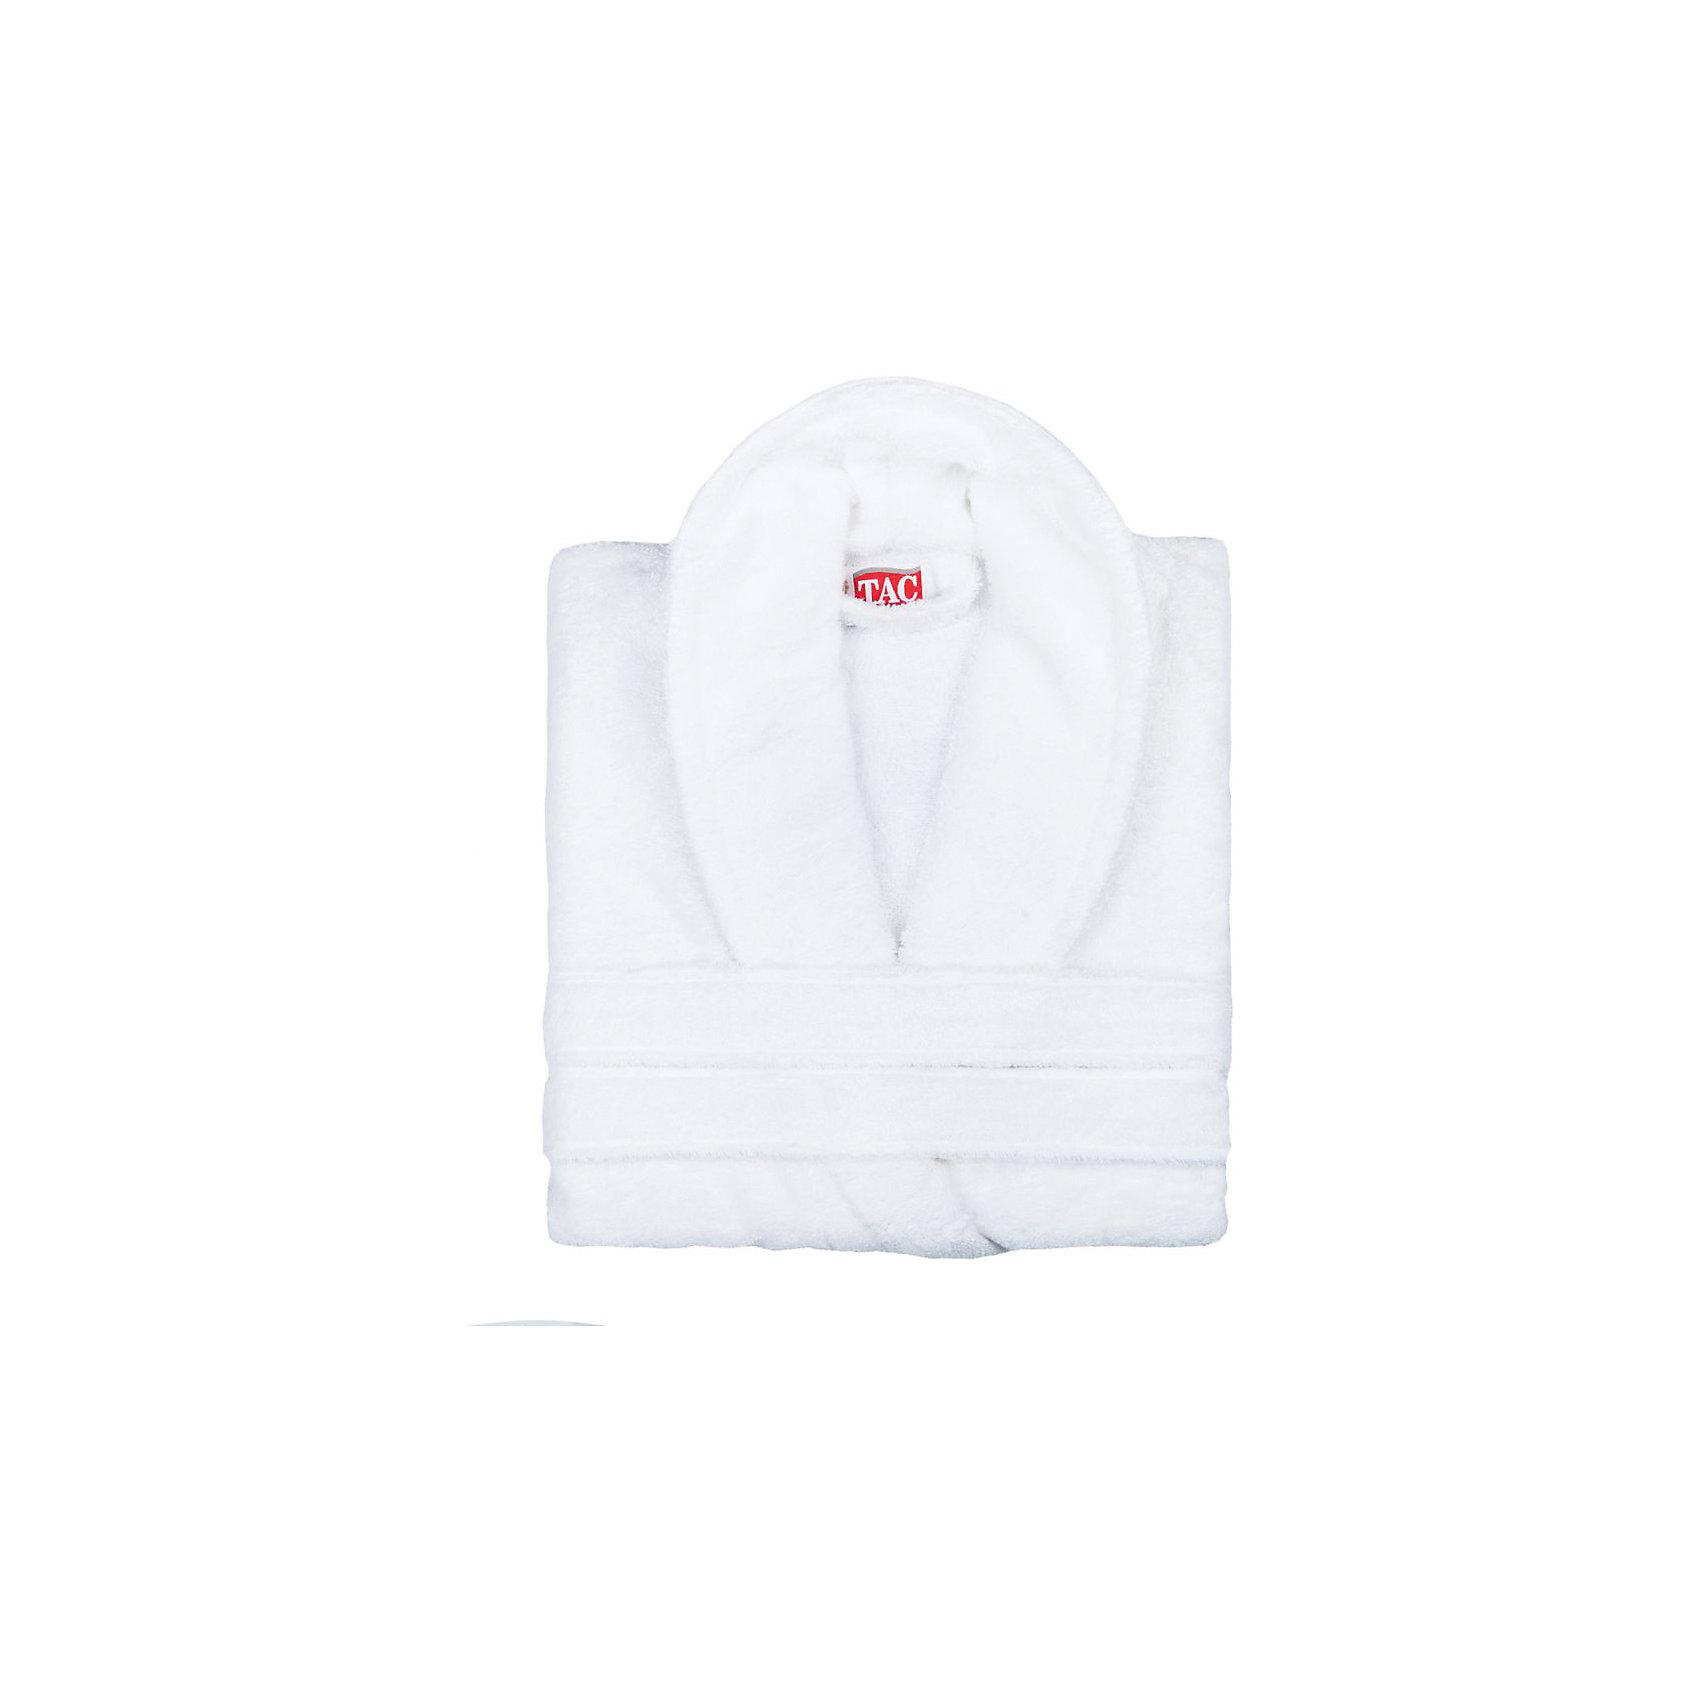 Халат махровый Maison Bambu, L/XL, TAC, белый (beyaz)Характеристики:<br><br>• Вид домашнего текстиля: махровый халат<br>• Размер международный/российский: L/XL<br>• Пол: унисекс<br>• Рисунок: без рисунка<br>• Материал: хлопок, 50% хлопок; бамбук, 50%<br>• Цвет: белый<br>• Плотность полотна: 320 гр/м2 <br>• Силуэт: прямой<br>• Рукав: длинный<br>• Воротник: отложной<br>• Застежка: пояс<br>• Вес в упаковке: 1 кг 130 г<br>• Размеры упаковки (Д*Ш*В): 40*10*32 см<br>• Особенности ухода: машинная стирка <br><br>Халат махровый Maison Bambu, L/XL, TAC, белый (beyaz) от наиболее популярного бренда на отечественном рынке среди производителей комплектов постельного белья и текстильных принадлежностей, выпуском которого занимается производственная компания, являющаяся частью мирового холдинга Zorlu Holding Textiles Group. Халат выполнен из сочетания натурального хлопка и бамбукового волокна, что обеспечивает гипоаллергенность, высокую износоустойчивость, повышенные гигкоскопические и антибактериальные свойства изделия. Благодаря высокой степени плотности махры, халат отлично впитывает влагу, но при этом остается мягким. <br><br>Ворс окрашен стойкими нетоксичными красителями, который не оставляет запаха и обеспечивает ровный окрас. Изделие сохраняет свой цвет и форму даже при частых стирках. Халат прямого кроя с длинными рукавами и отложным воротником идеально подходит для посещения бани или сауны, а в прохладные вечера обеспечит комфорт и уют своему владельцу. Выполнен в белом цвете без рисунка.<br><br>Халат махровый Maison Bambu, L/XL, TAC, белый (beyaz) можно купить в нашем интернет-магазине.<br><br>Ширина мм: 290<br>Глубина мм: 90<br>Высота мм: 400<br>Вес г: 1400<br>Возраст от месяцев: 216<br>Возраст до месяцев: 1188<br>Пол: Унисекс<br>Возраст: Детский<br>SKU: 5476363